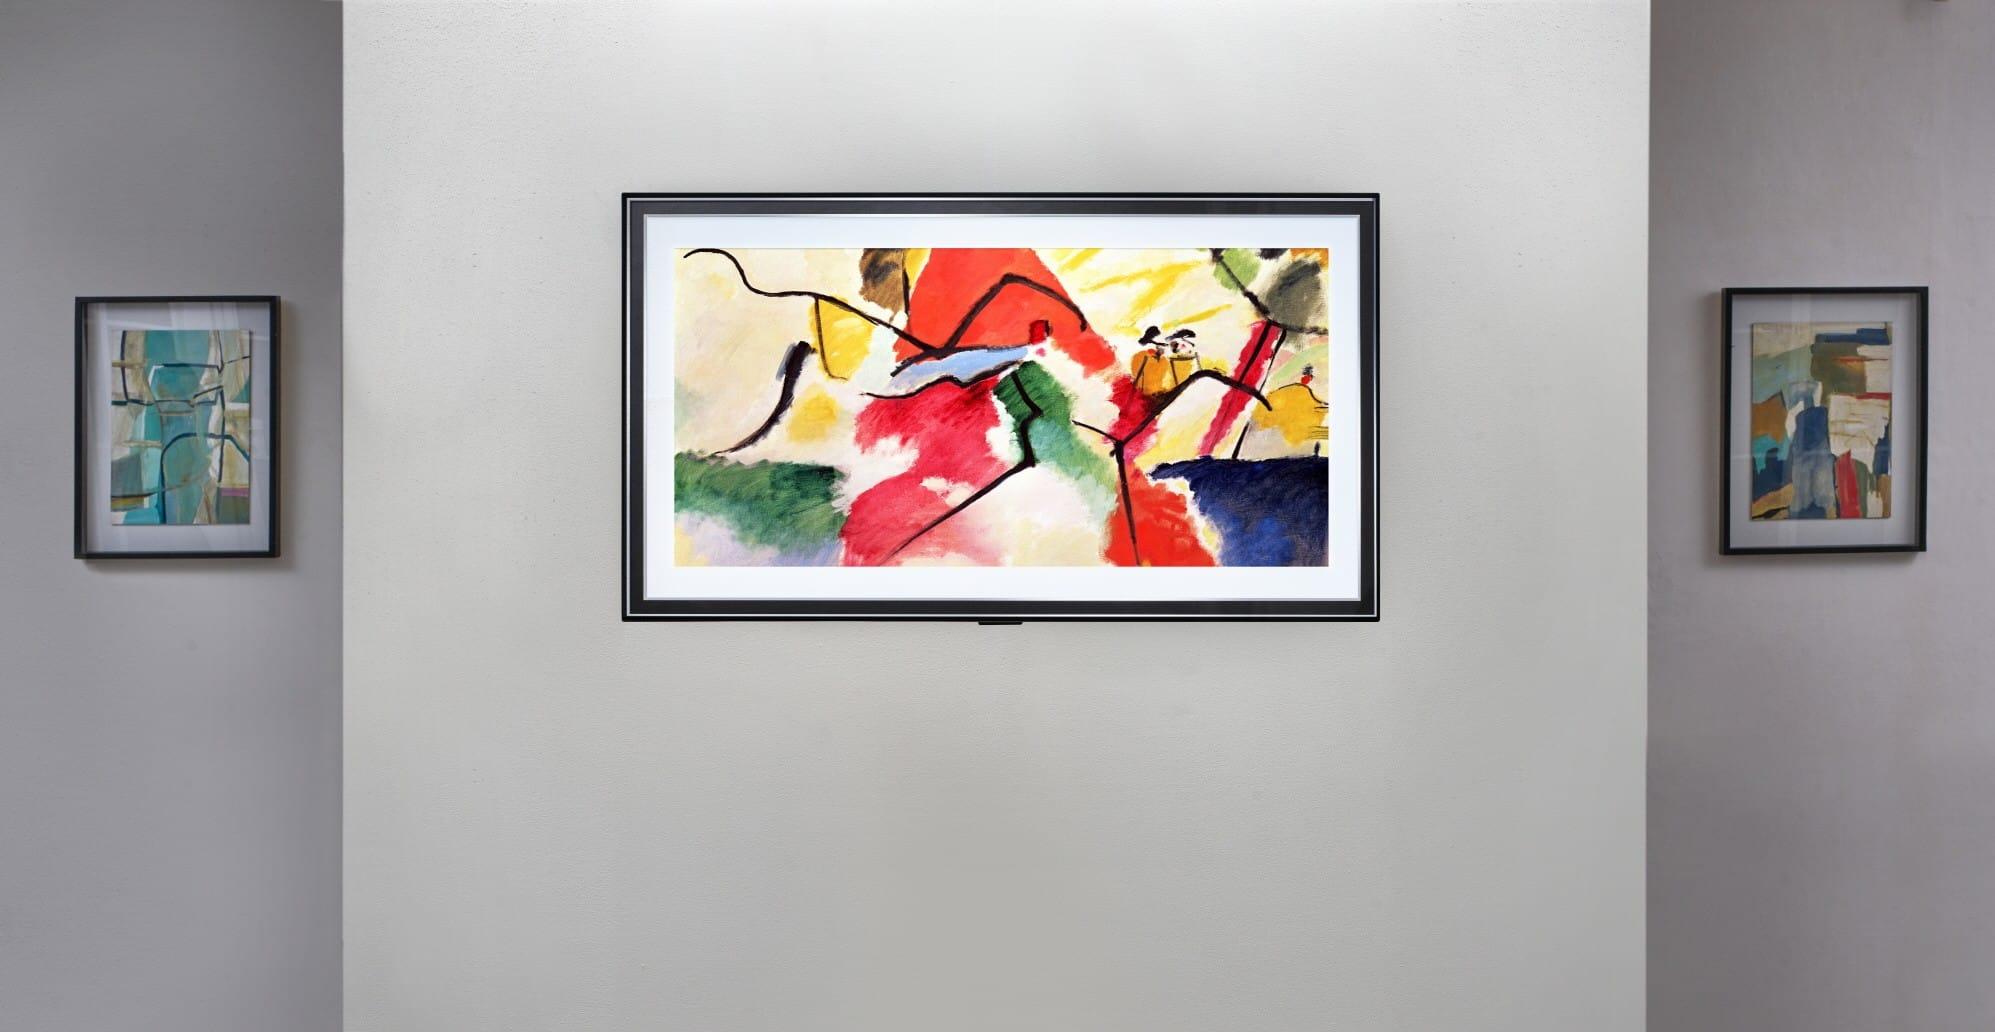 Ventajas de televisores OLED